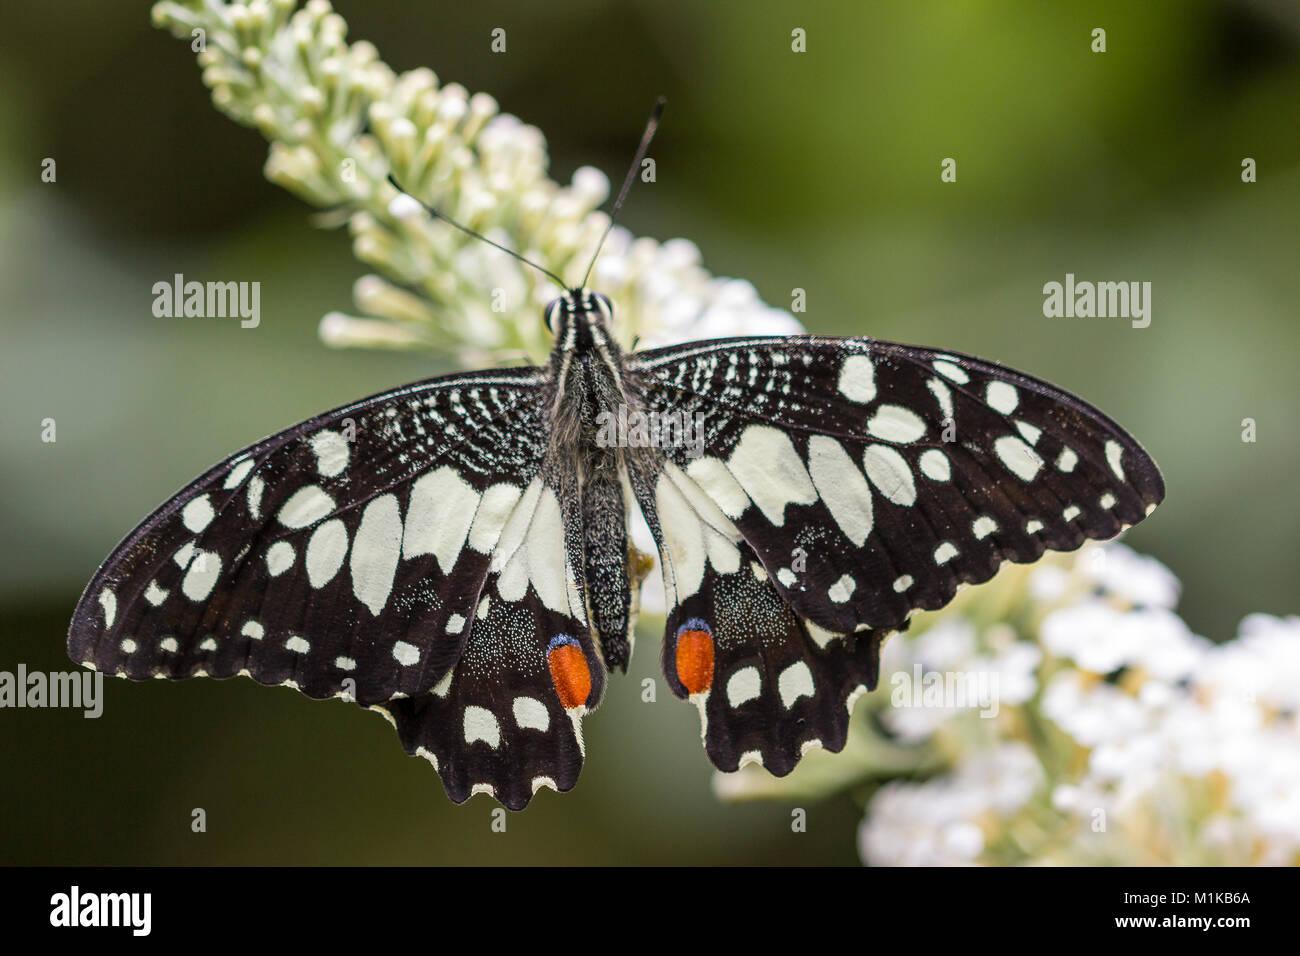 Lime o a coda di rondine a scacchi butterfly Papilio Demoleus Immagini Stock